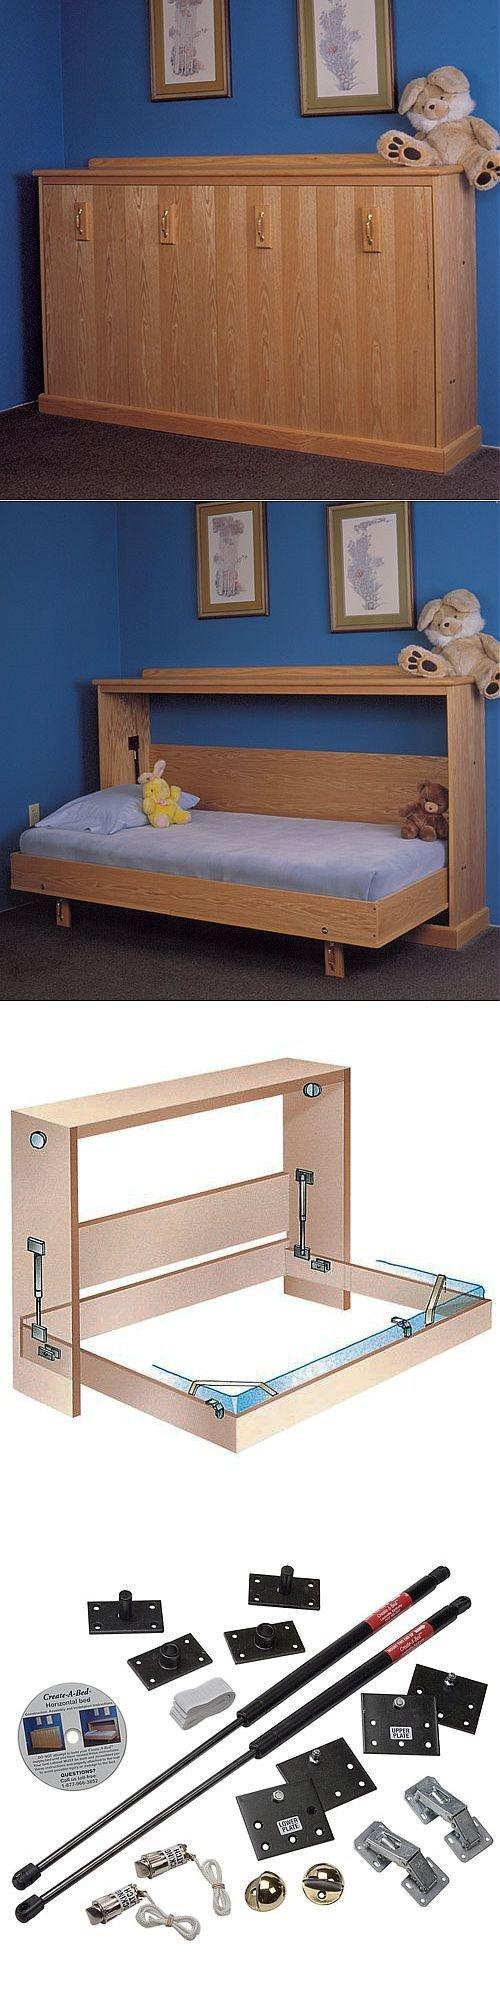 Детская кровать с тумбой своими руками 656